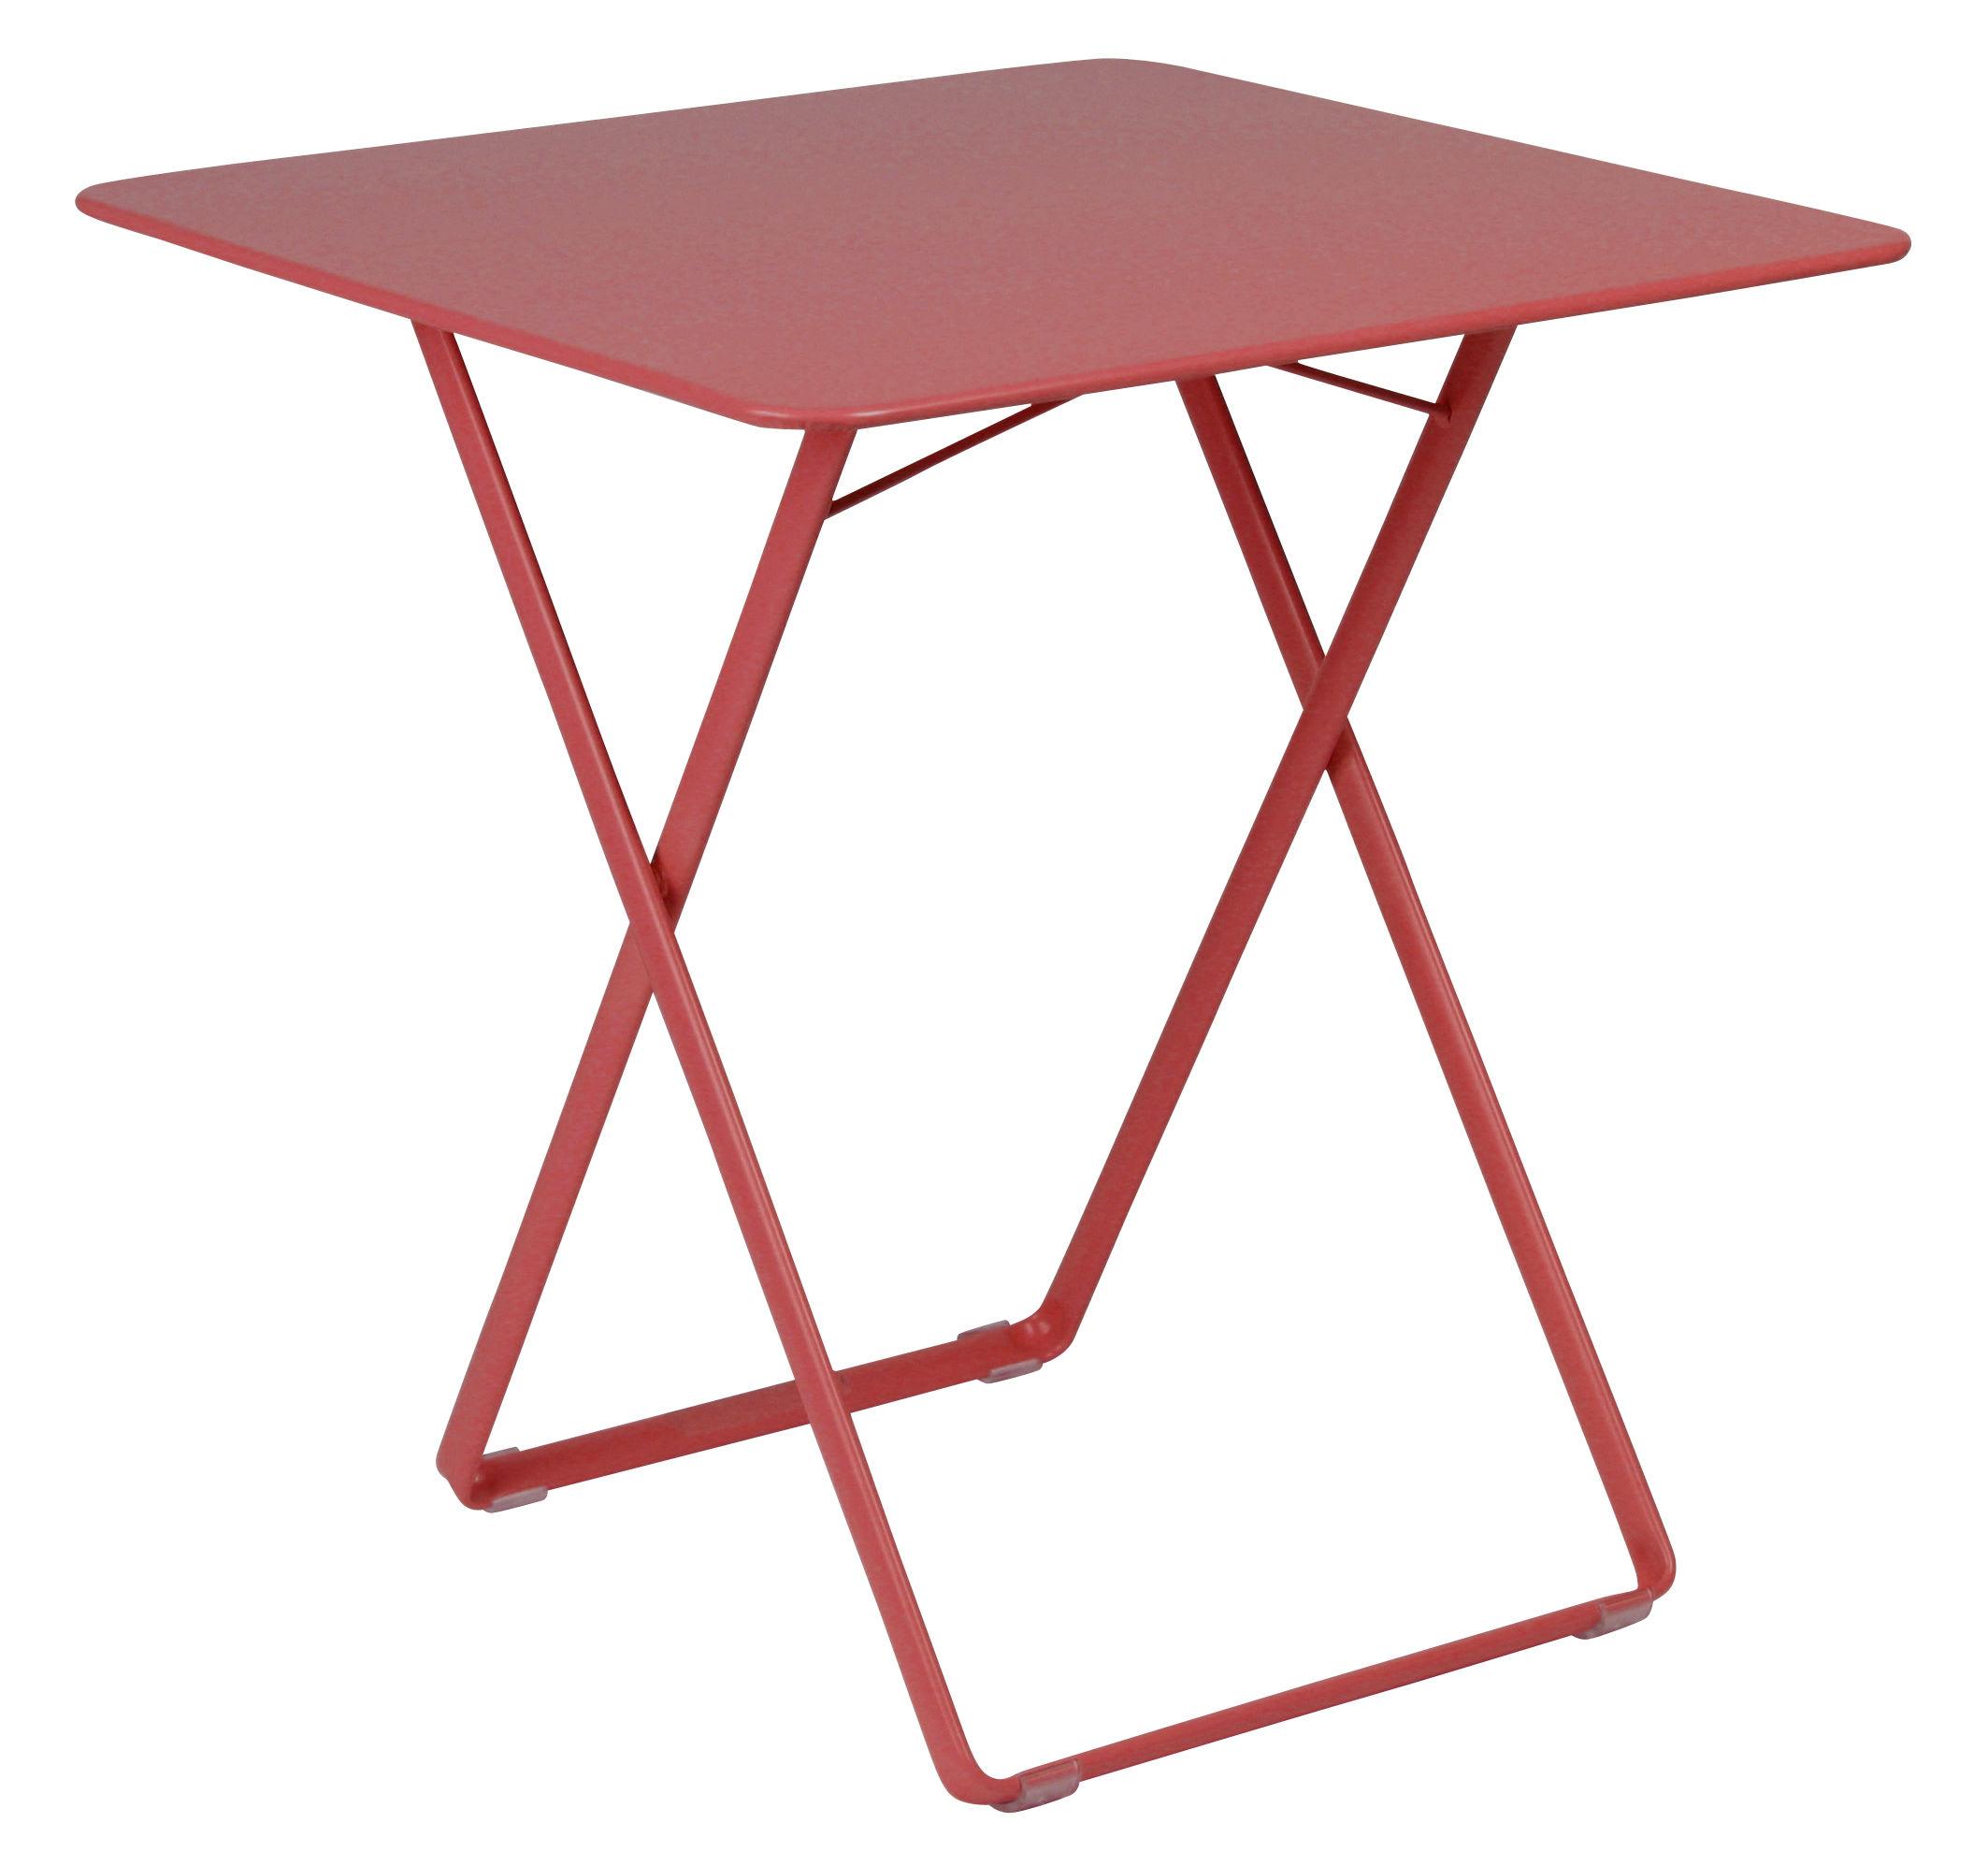 Outdoor - Tische - Plein Air Klapptisch 71 x 71 cm - Fermob - Klatschmohn - Stahl